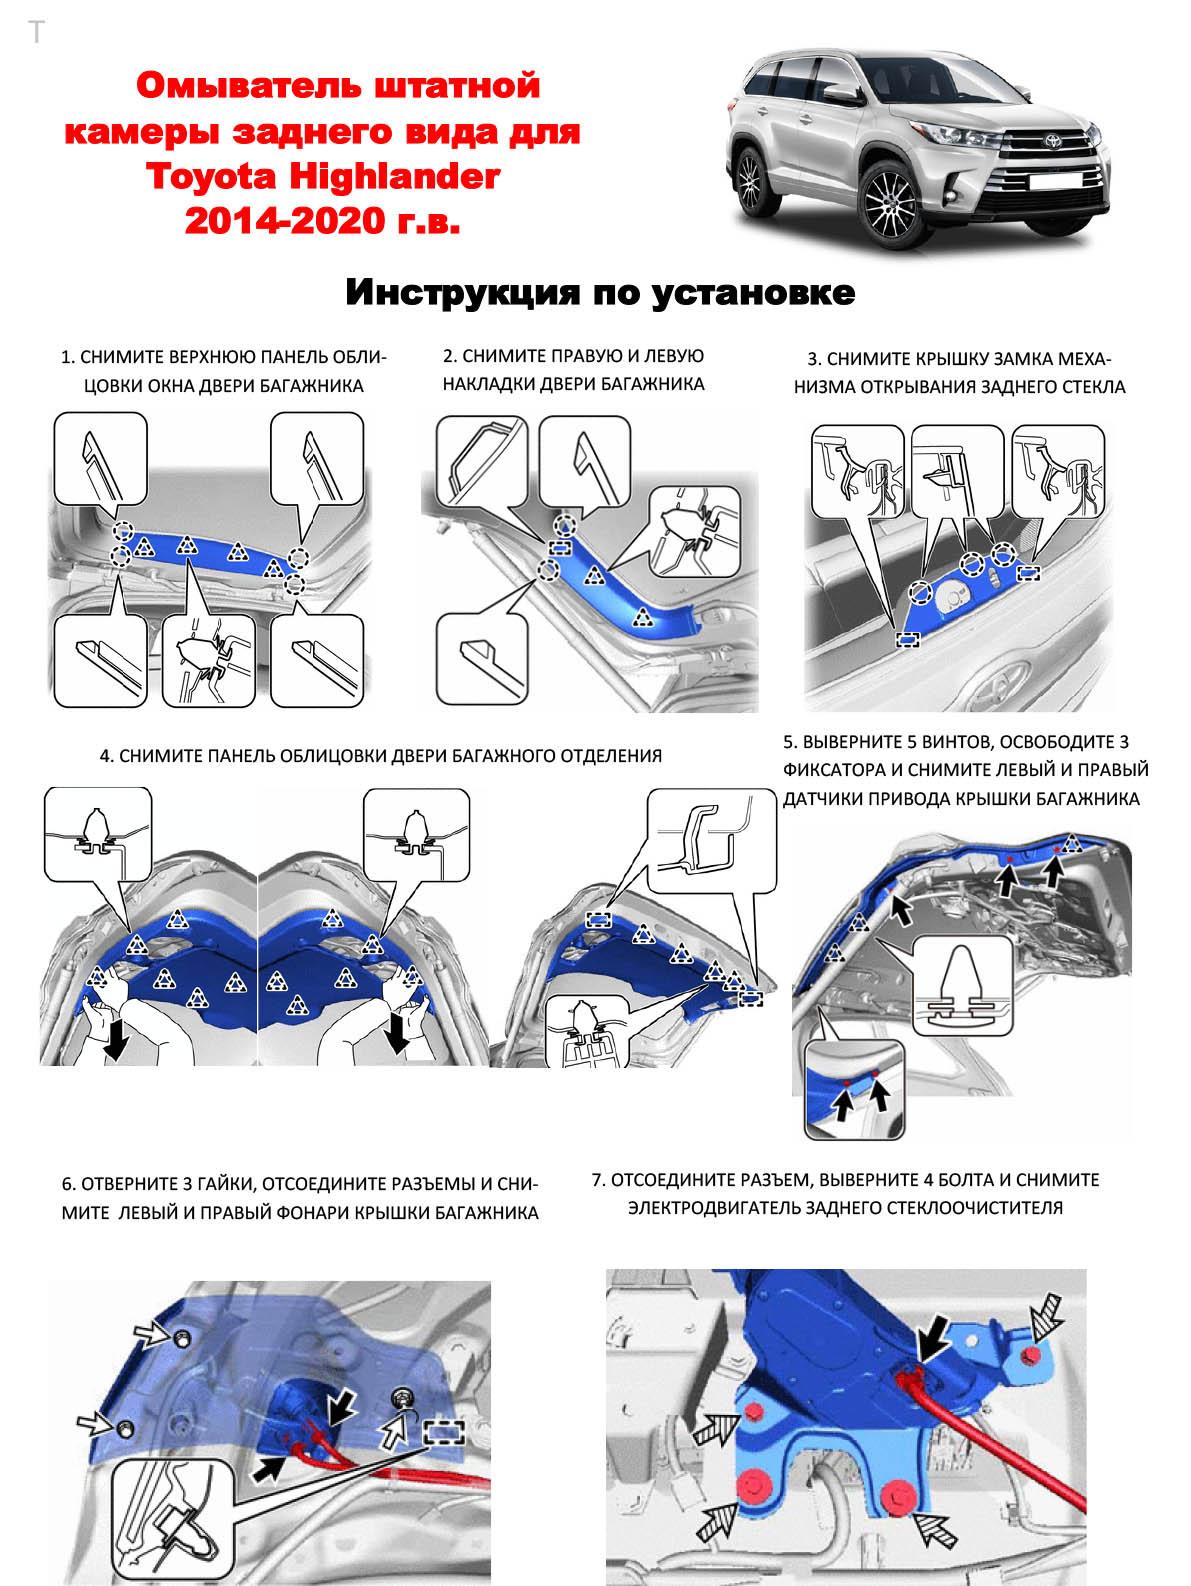 Инструкция по установке омывателя камеры заднего вида Toyota Highlander 14-20